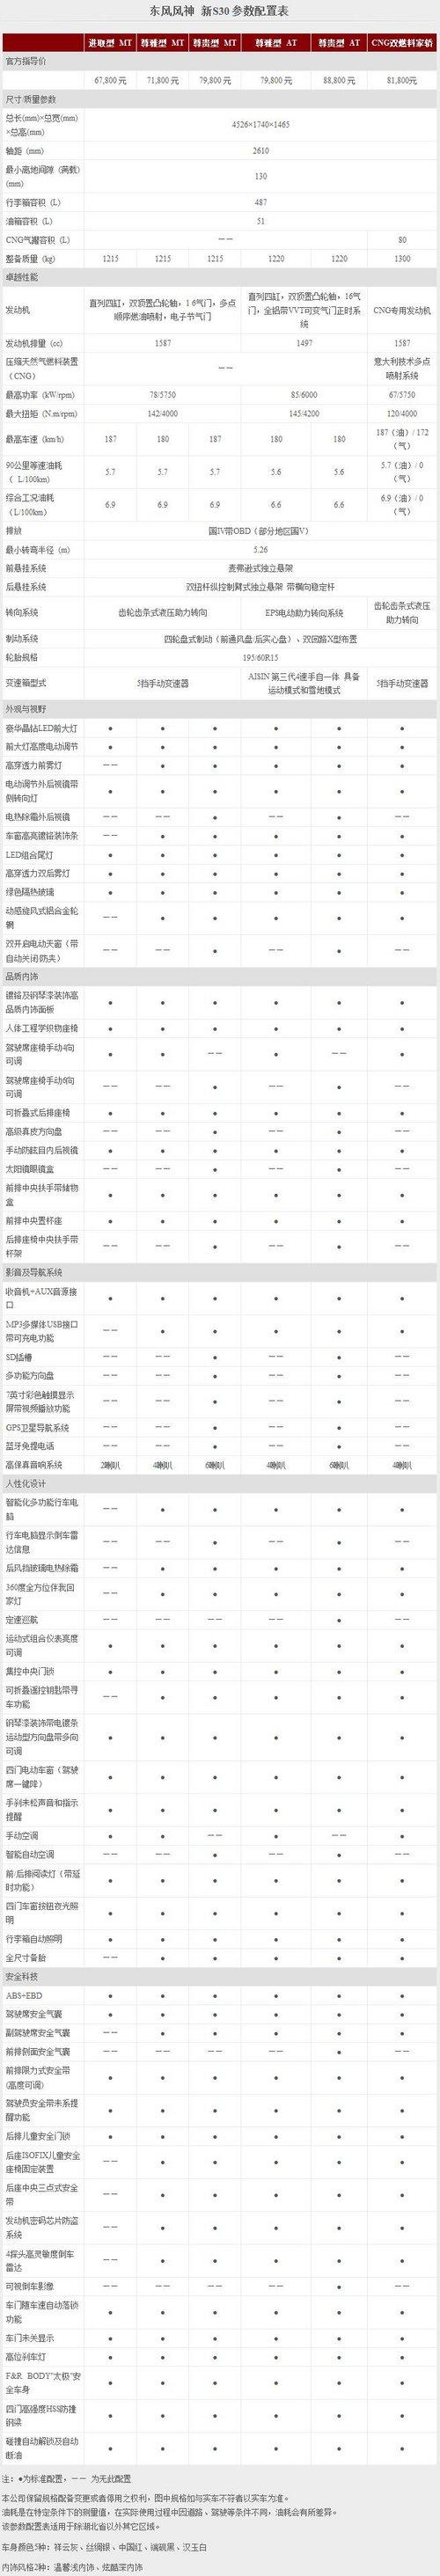 东风风神S30正式上市 非诚勿扰孟非代言